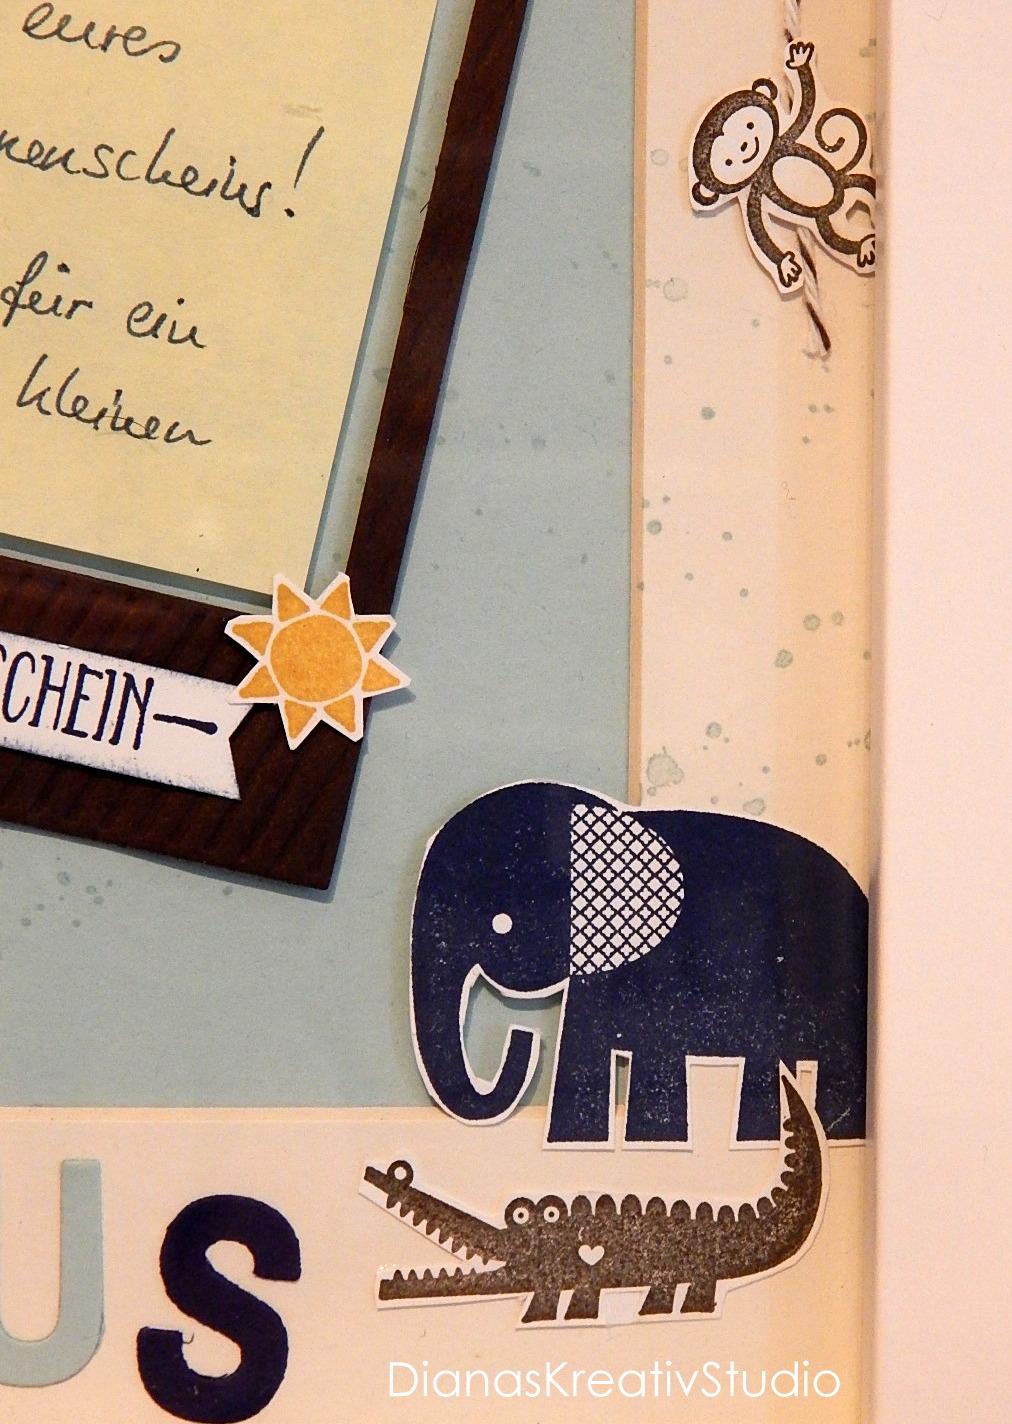 DianasKreativStudio --- Schönes aus Papier: Bilderrahmen zur Geburt ...